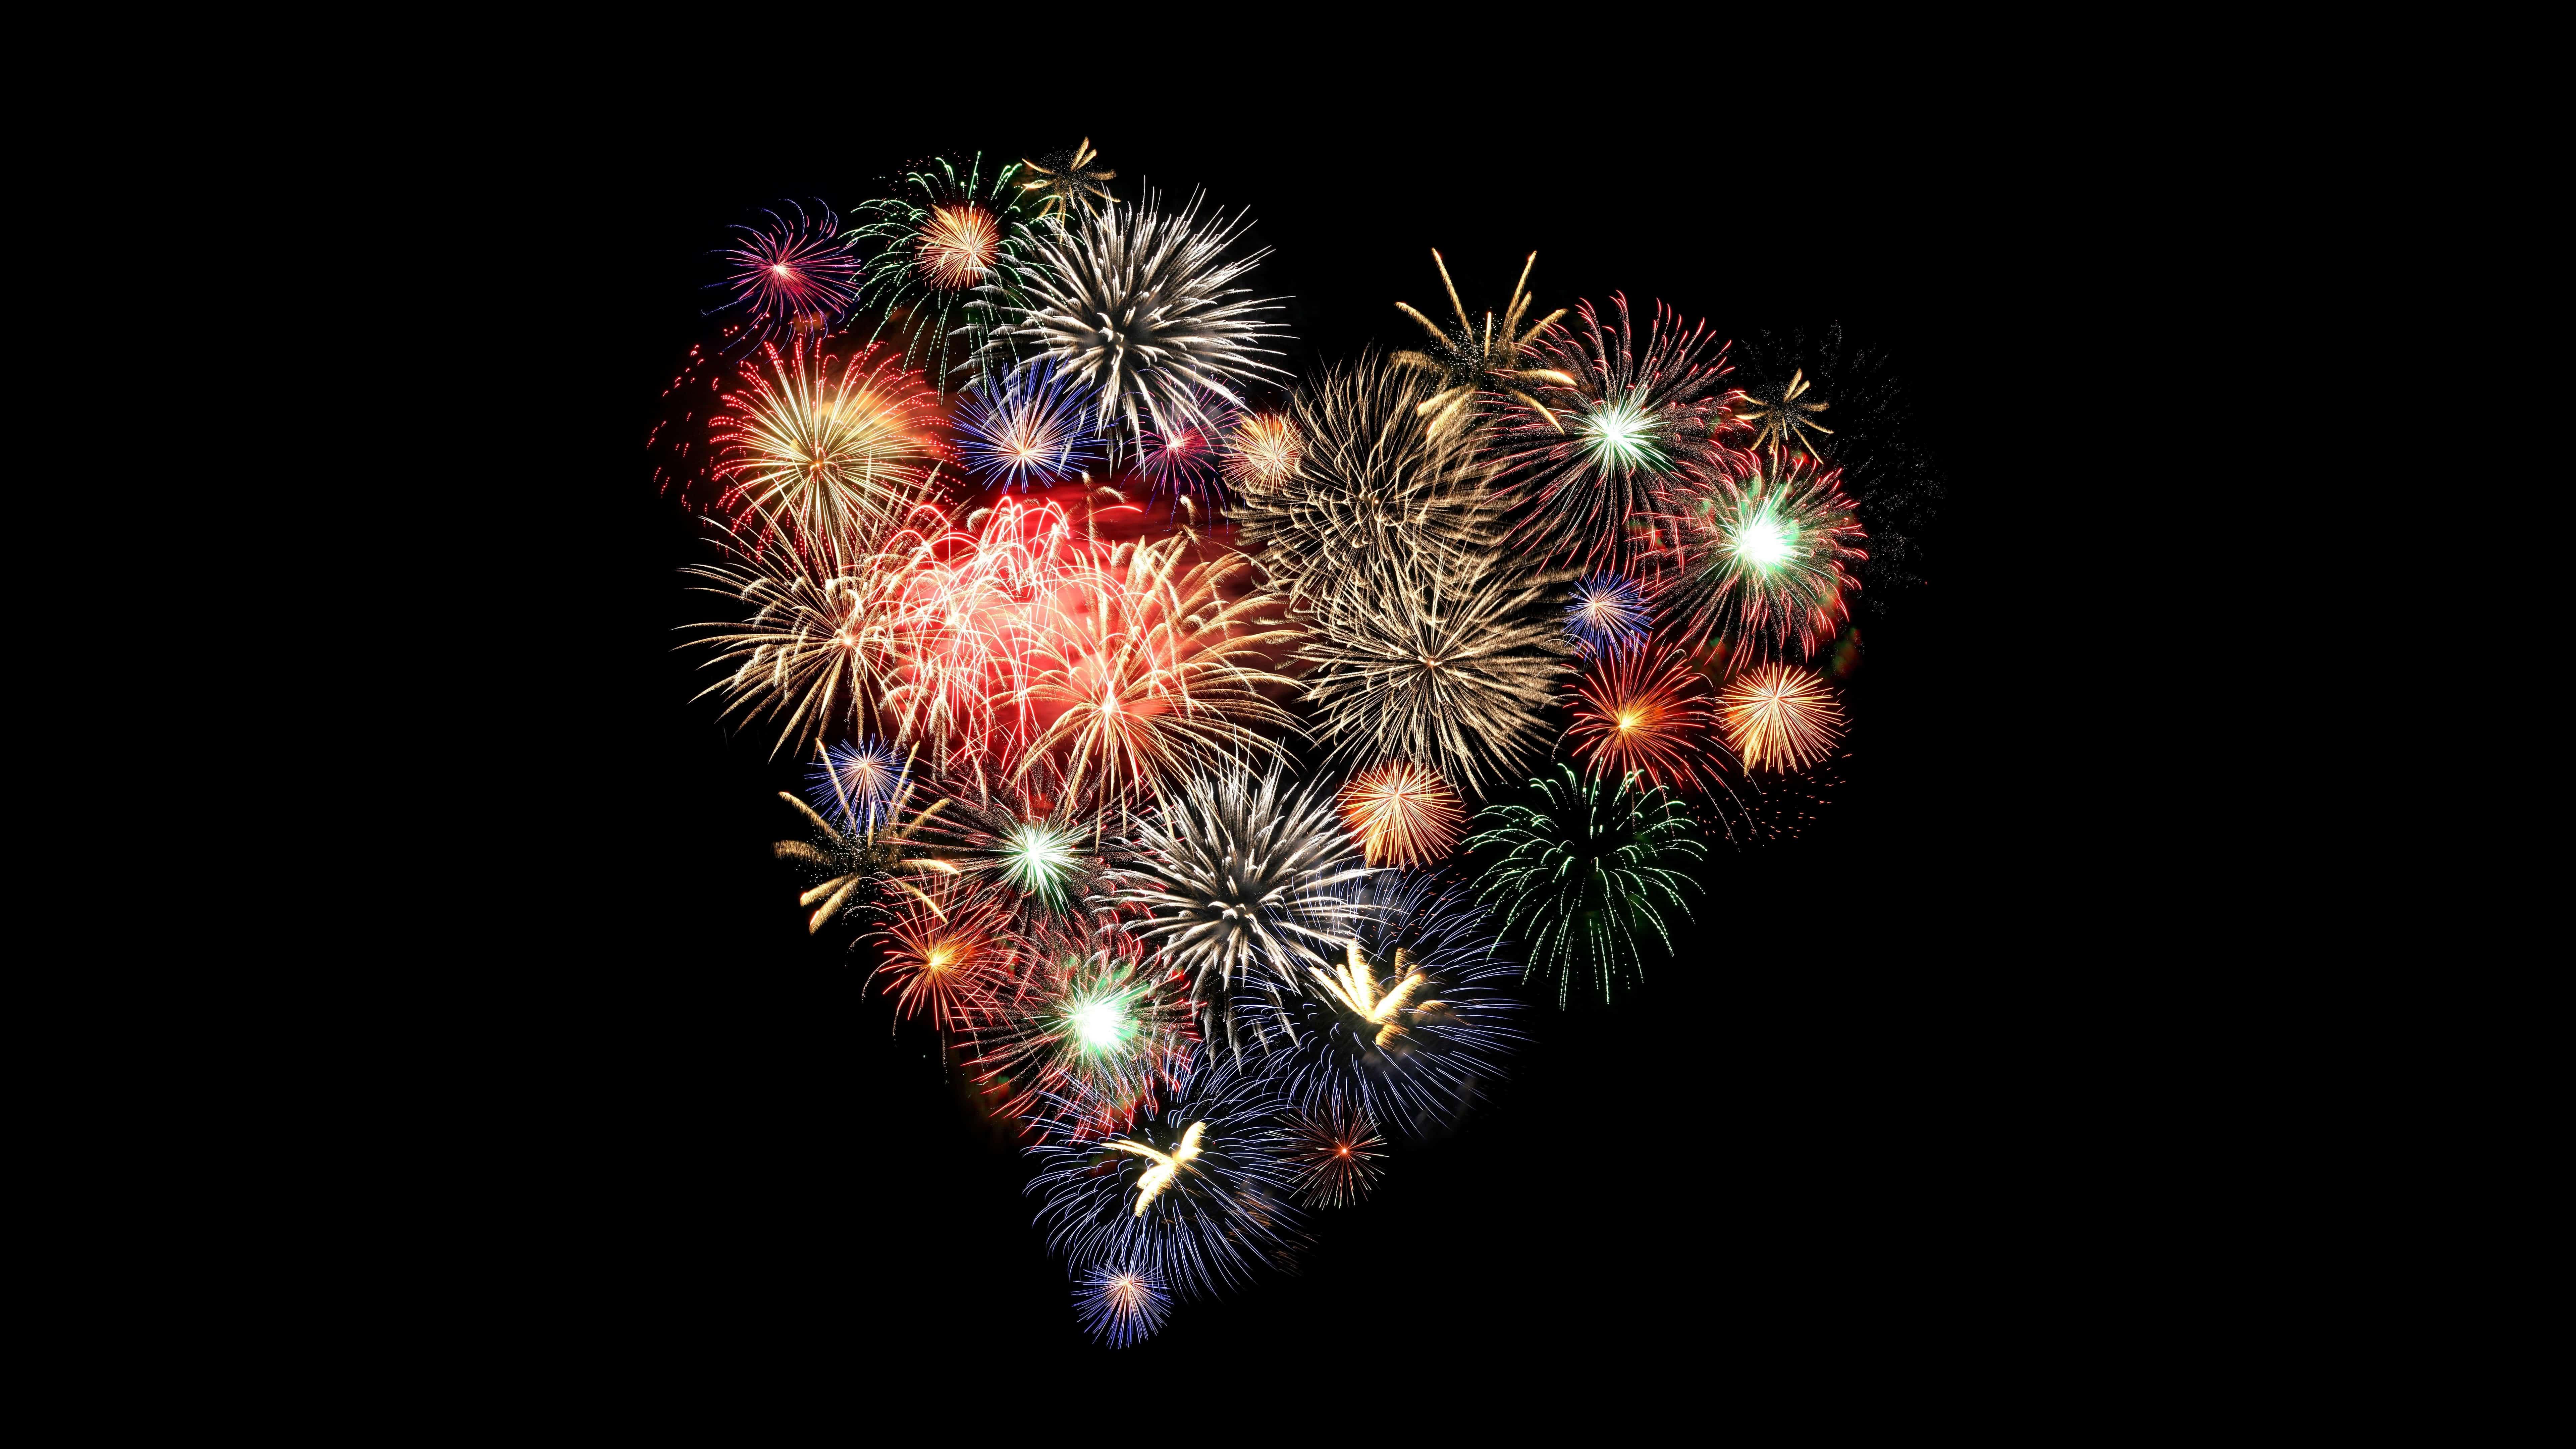 fireworks heart uhd 8k wallpaper